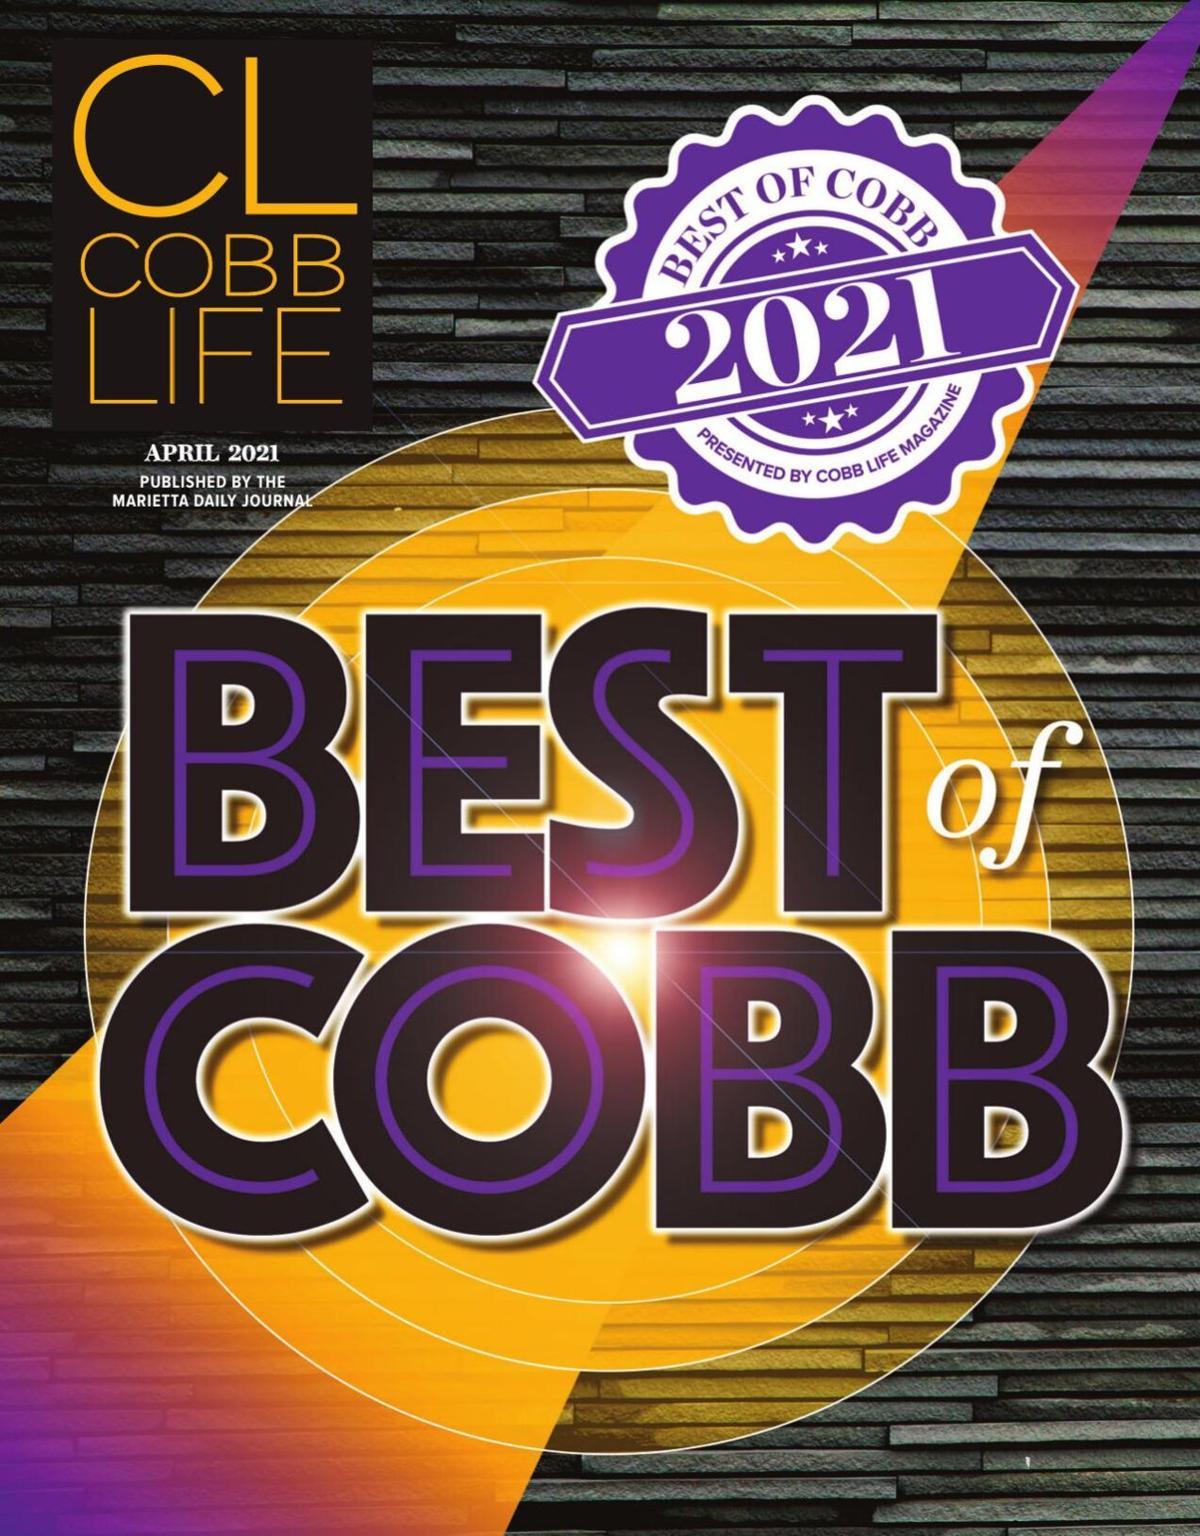 The Best of Cobb - April 2021